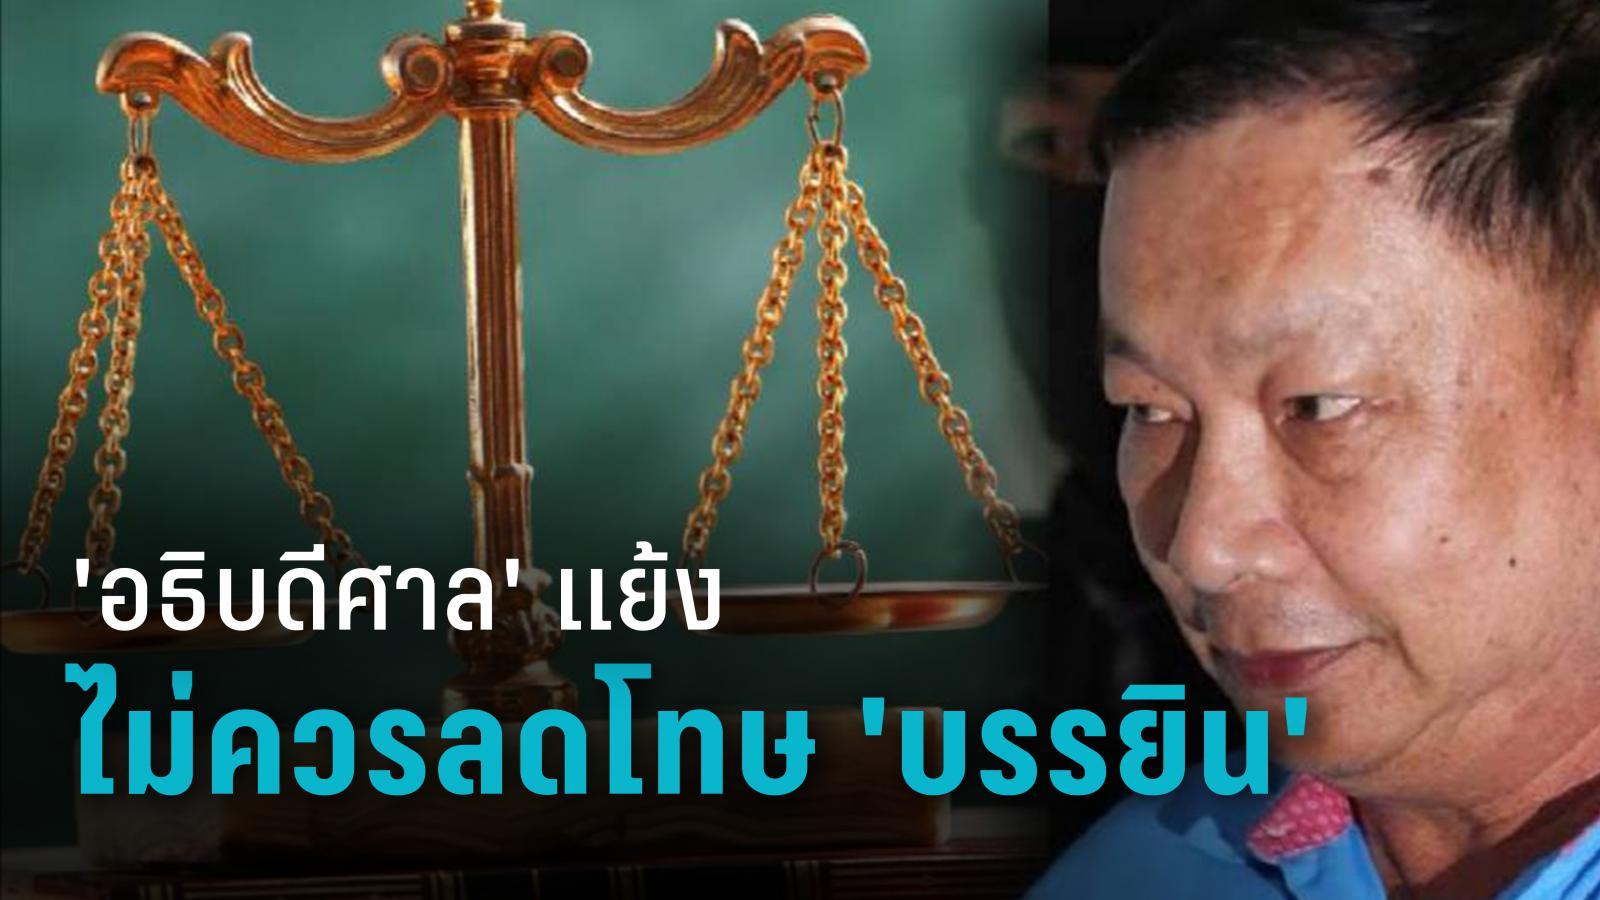 อธิบดีผู้พิพากษาฯ เห็นแย้งคำพิพากษา ค้านลดโทษ 'บรรยิน' ควรประหารชีวิตสถานเดียว